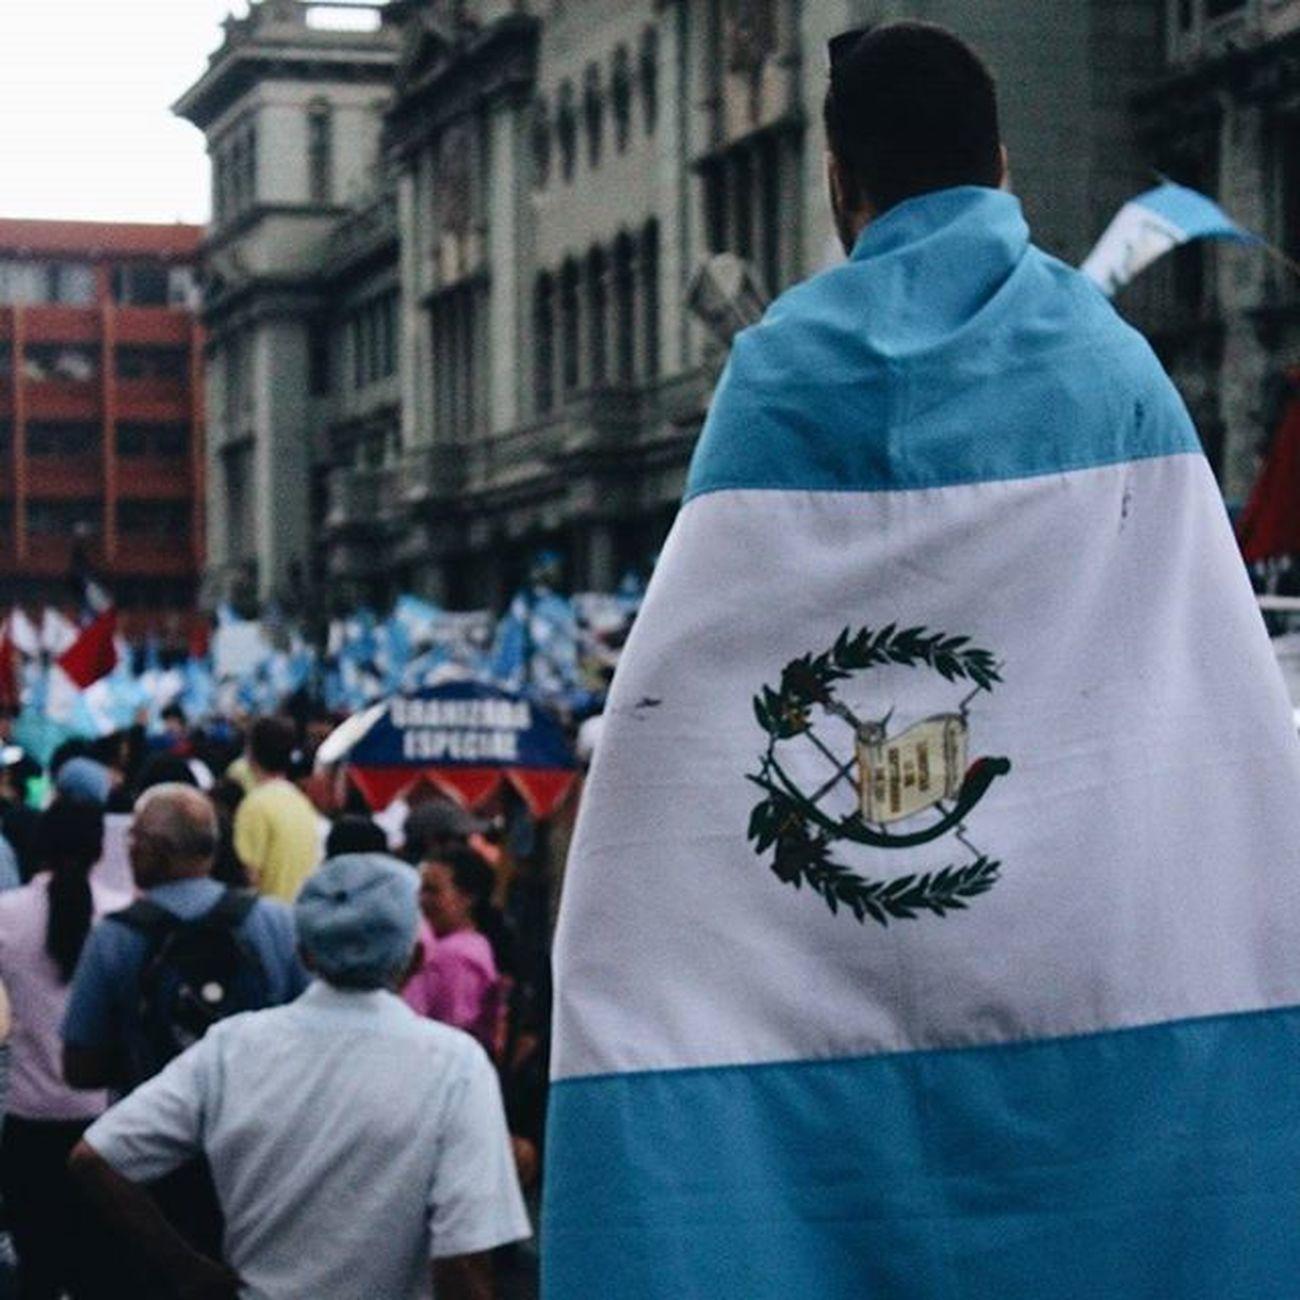 Si no fuiste a trabajar recuerda que hoy NO es día de descanso ¡ES DIA DE LUCHA! Guatemala tu nombre inmortal. Elmaizgt Prensalibre Soy502 Chirmolcity Chirmolcityzona1 @chirmolcitygt